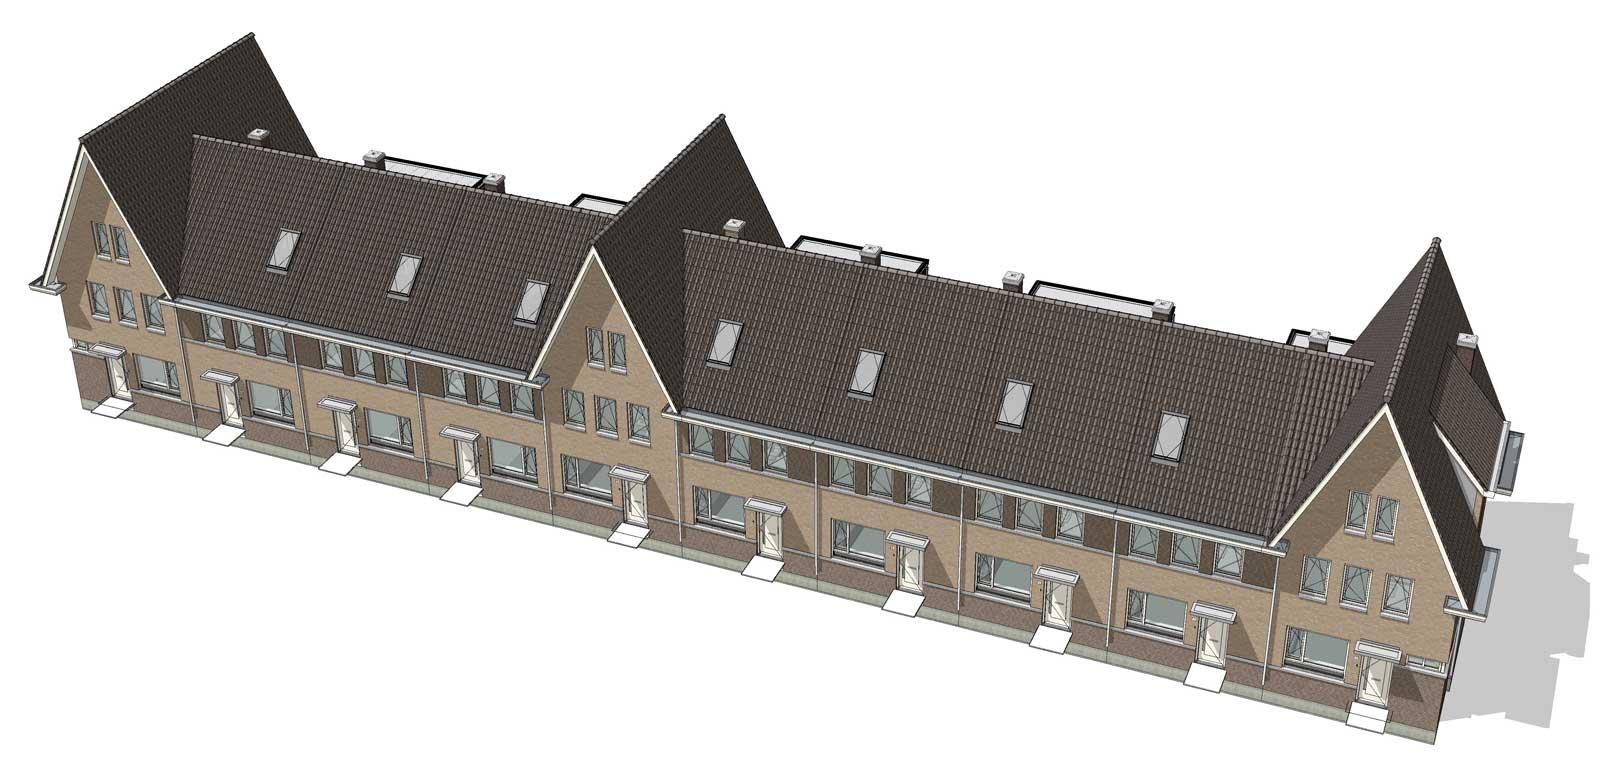 isometrie BIM model huurwoningen - De Jonge Veenen Moerkapelle